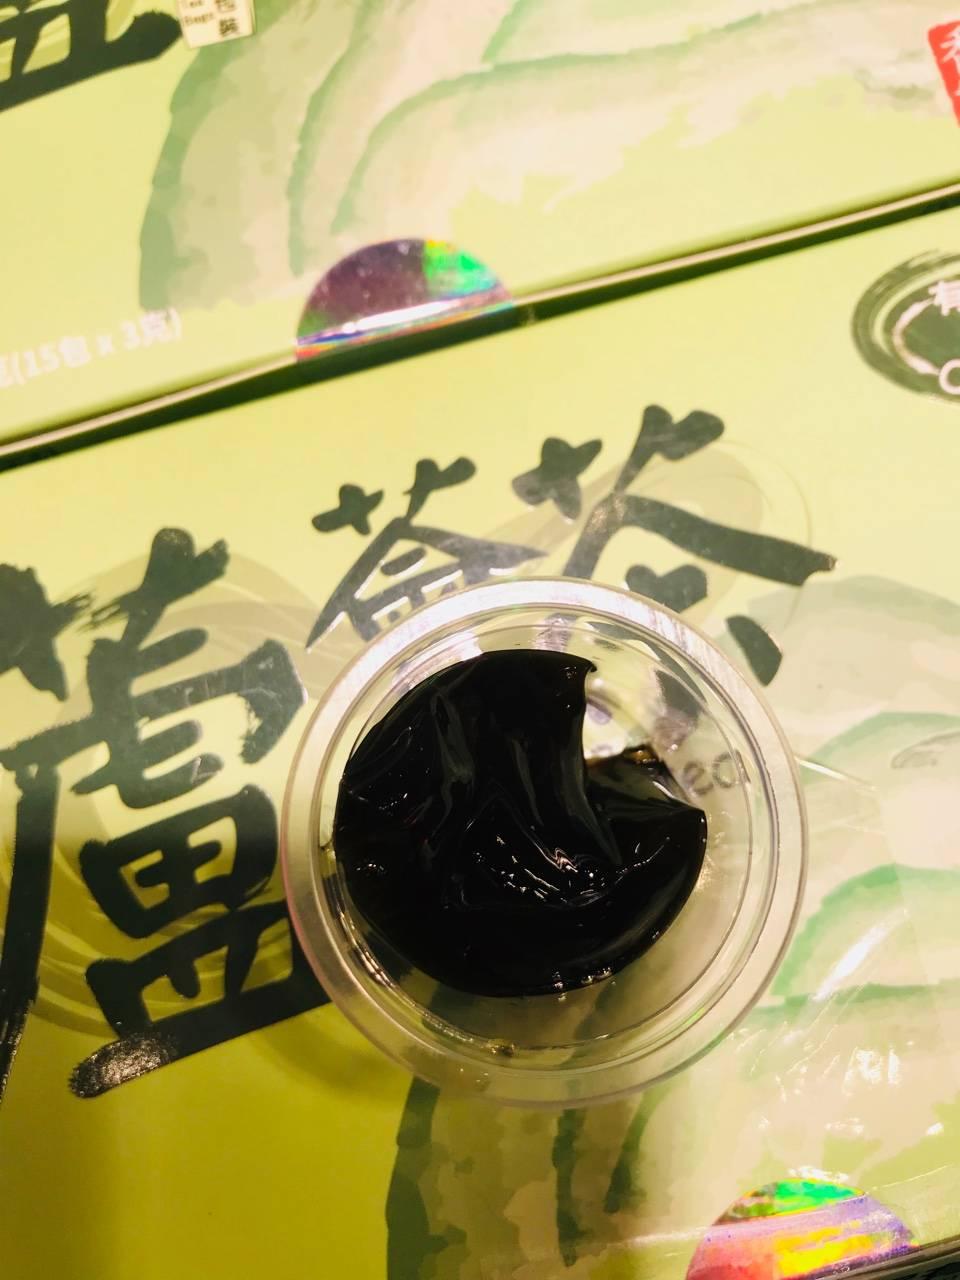 香港青衣美食节免费品尝美食做法美食家中图片